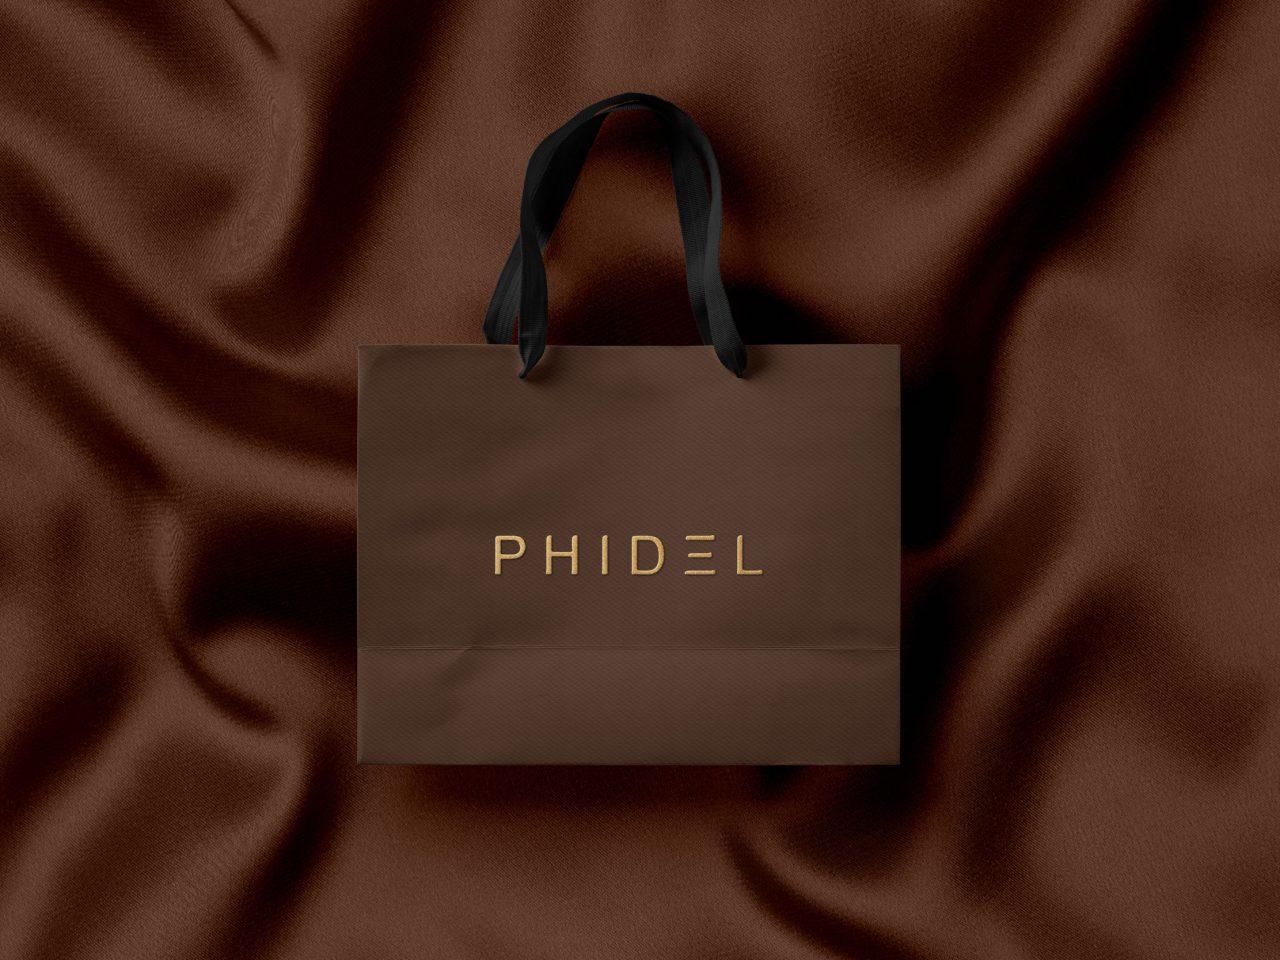 Phidel